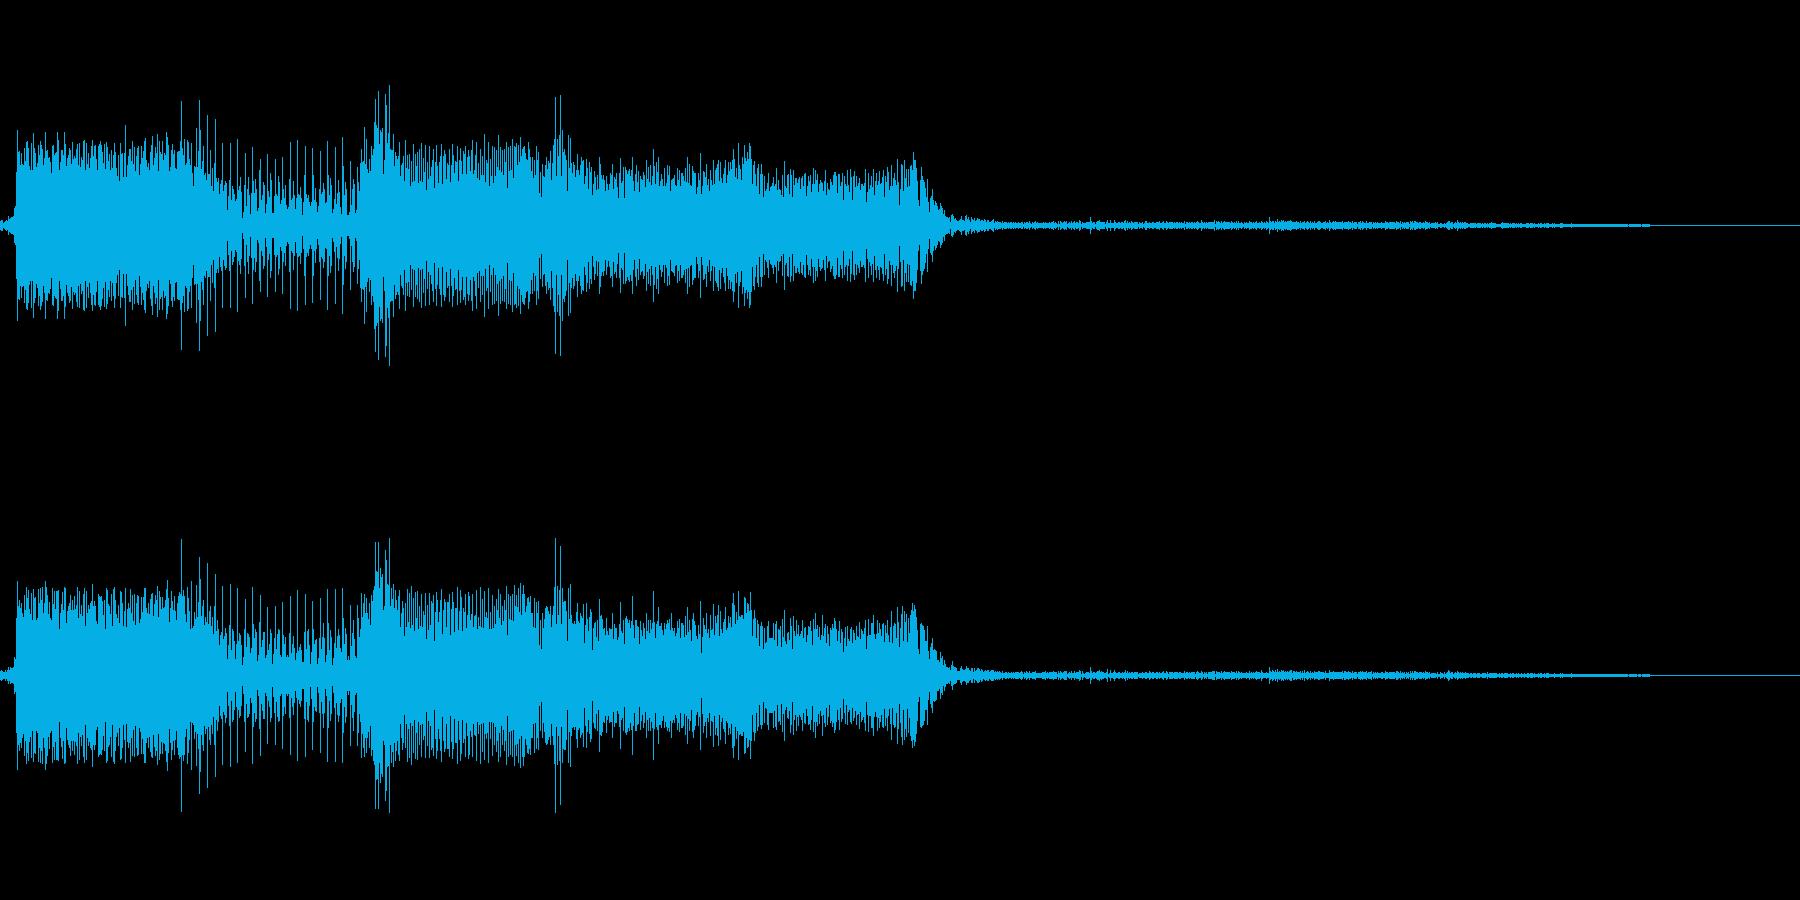 決定/ボタン押下音(メカニカルな音)の再生済みの波形